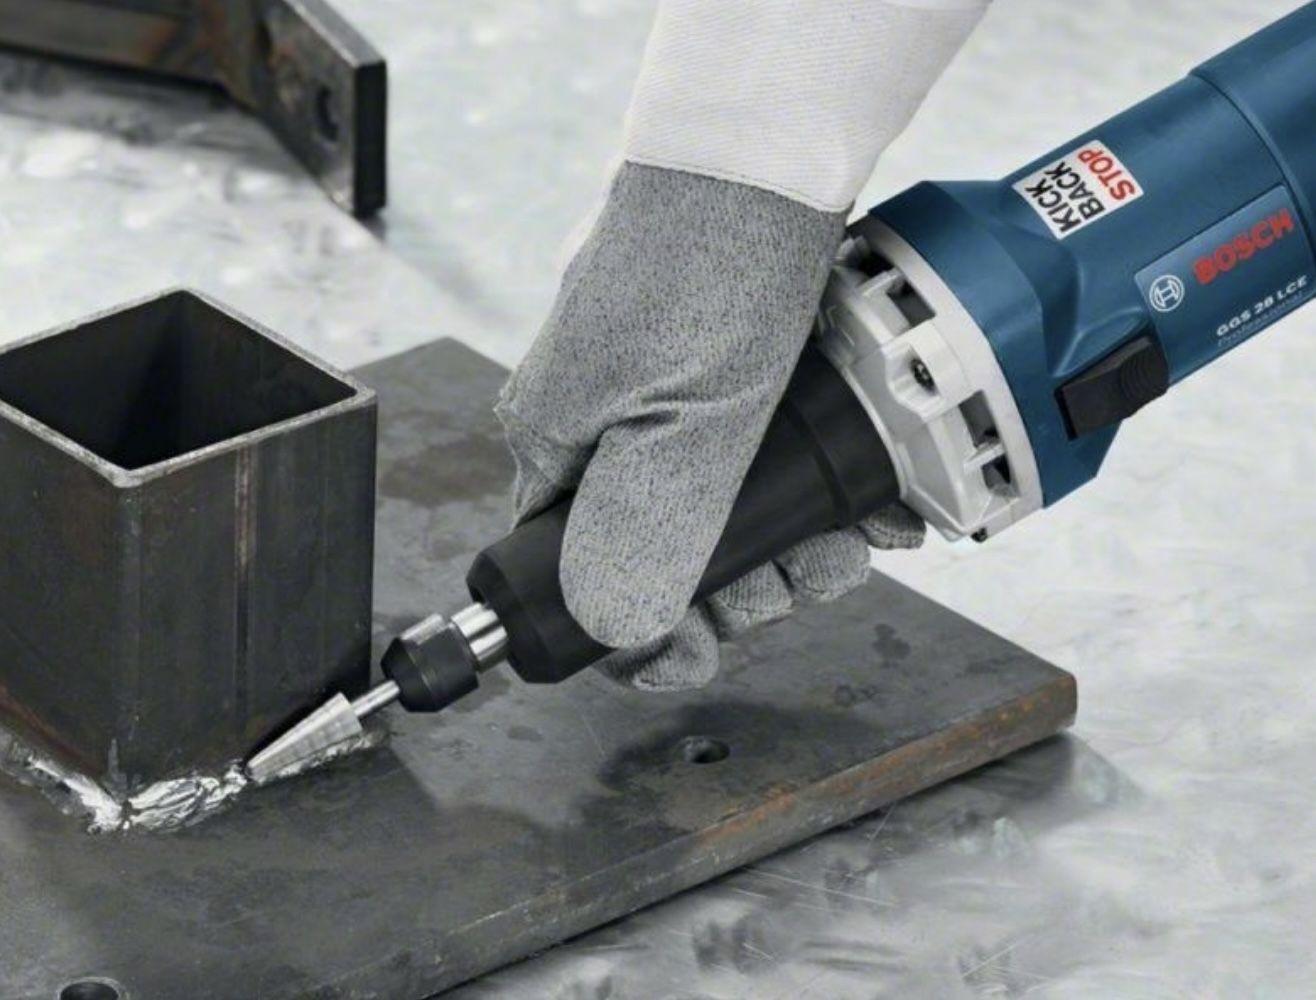 Bosch Professional GGS 28 LCE Geradschleifer inkl. Spannzange 6mm & 2x Maulschlüssel SW 19 für 160,29€ (statt 211€)